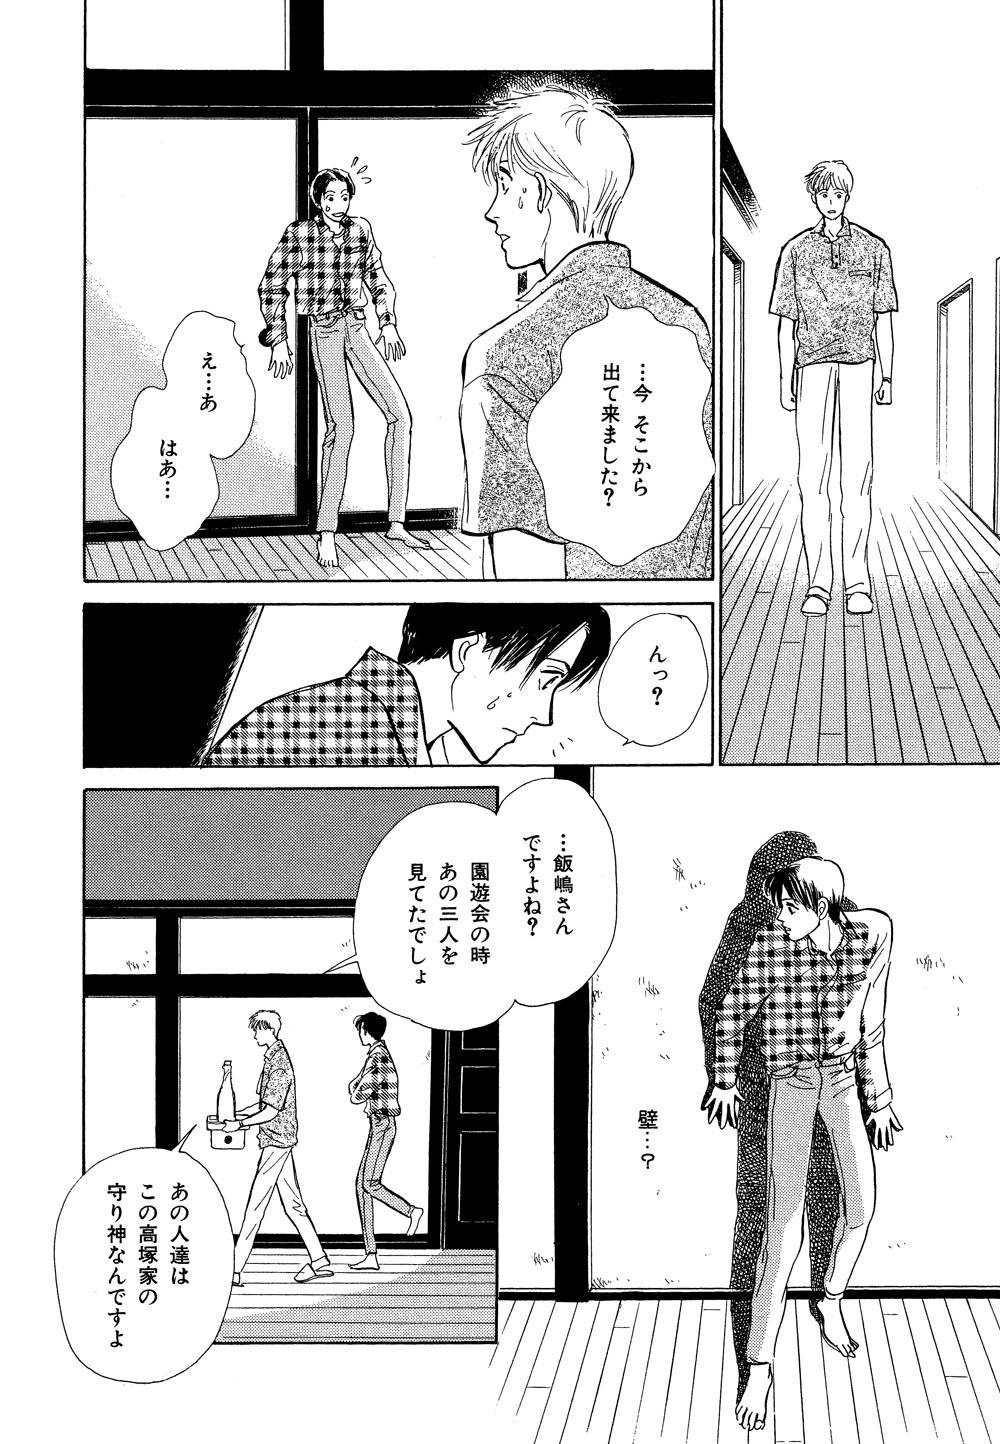 百鬼夜行抄_03_0094.jpg